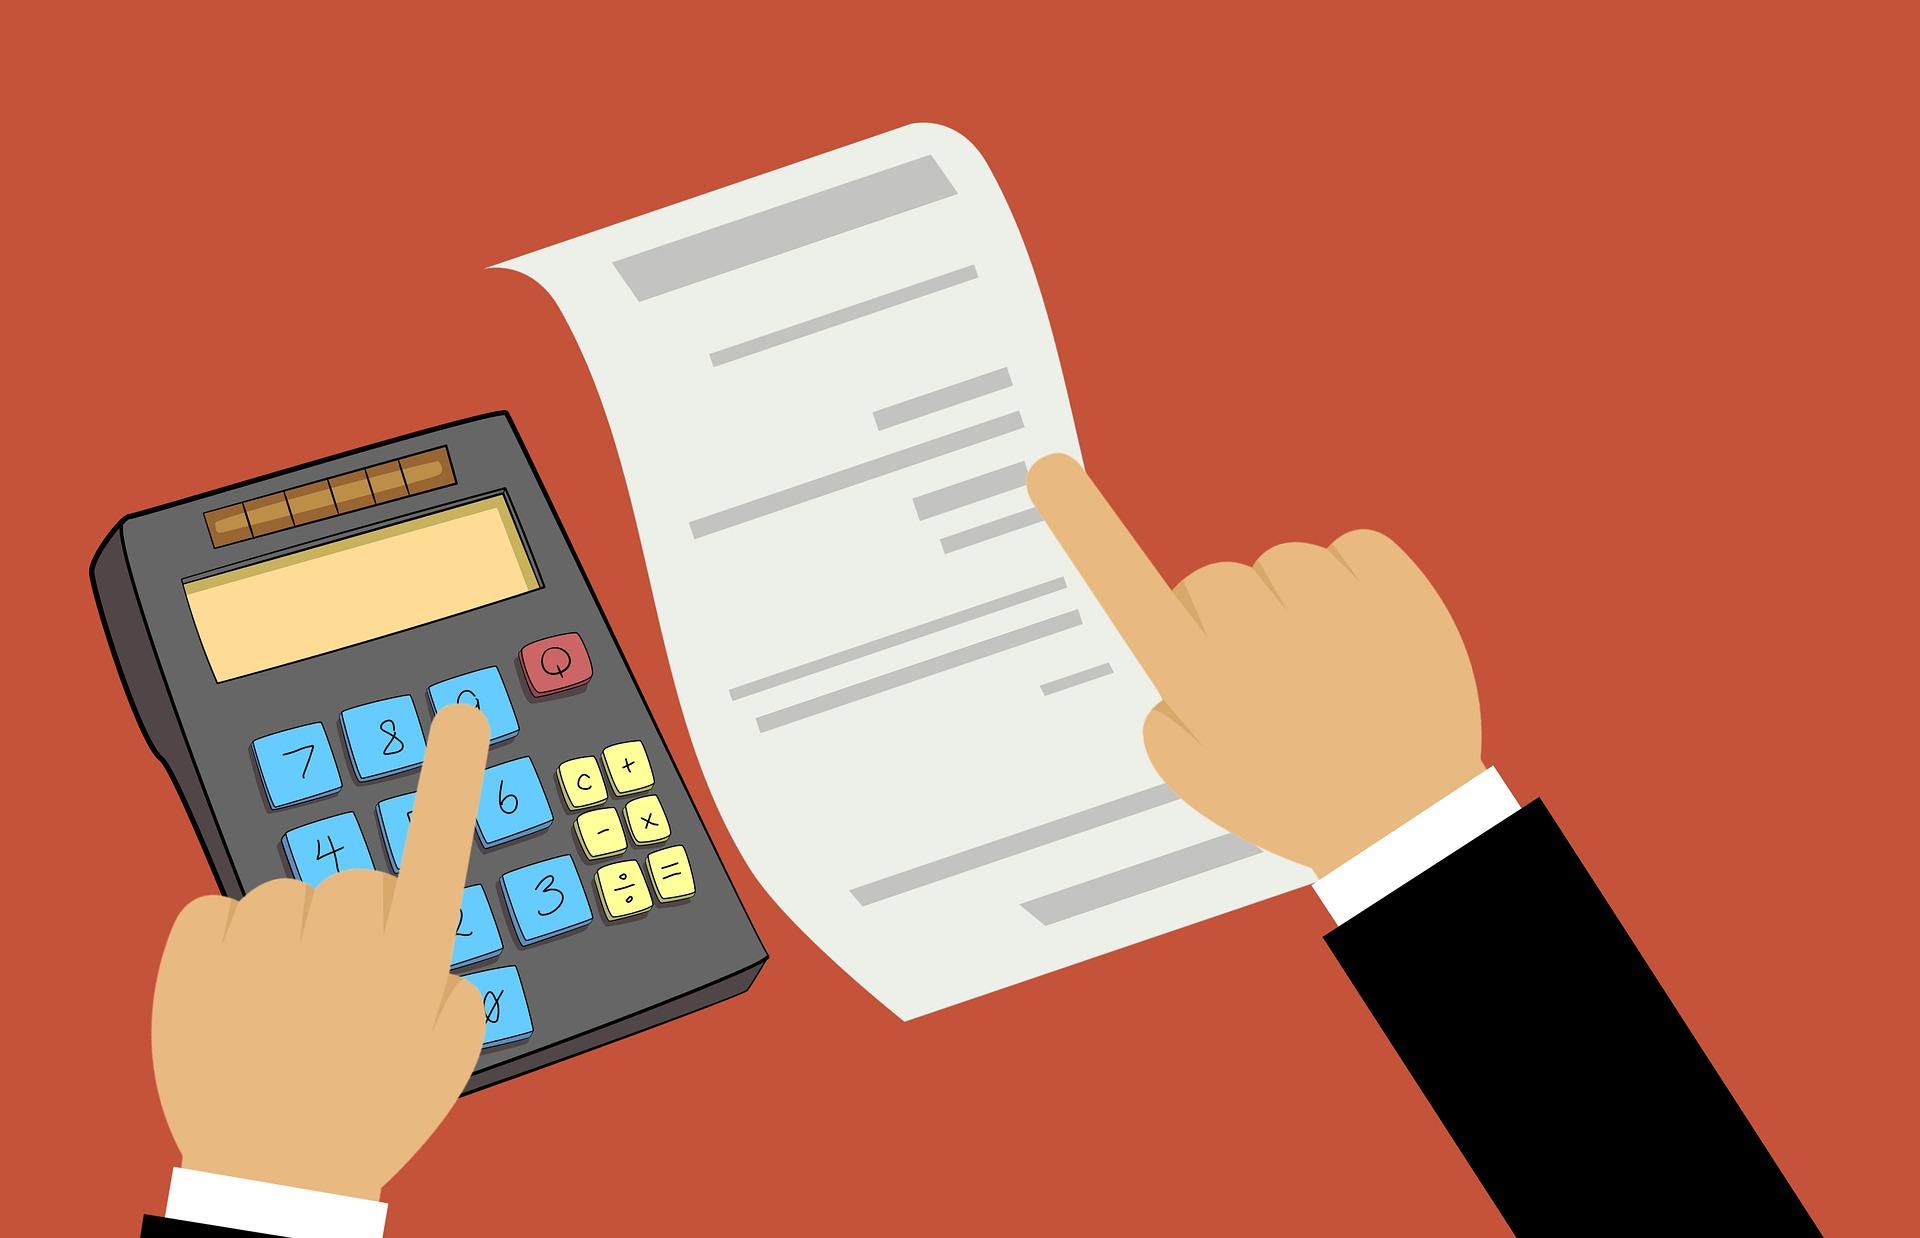 Preise und Rabatte: Komplex, spezifisch, individuell – hohe Anforderungen an die Softwareentwicklung!